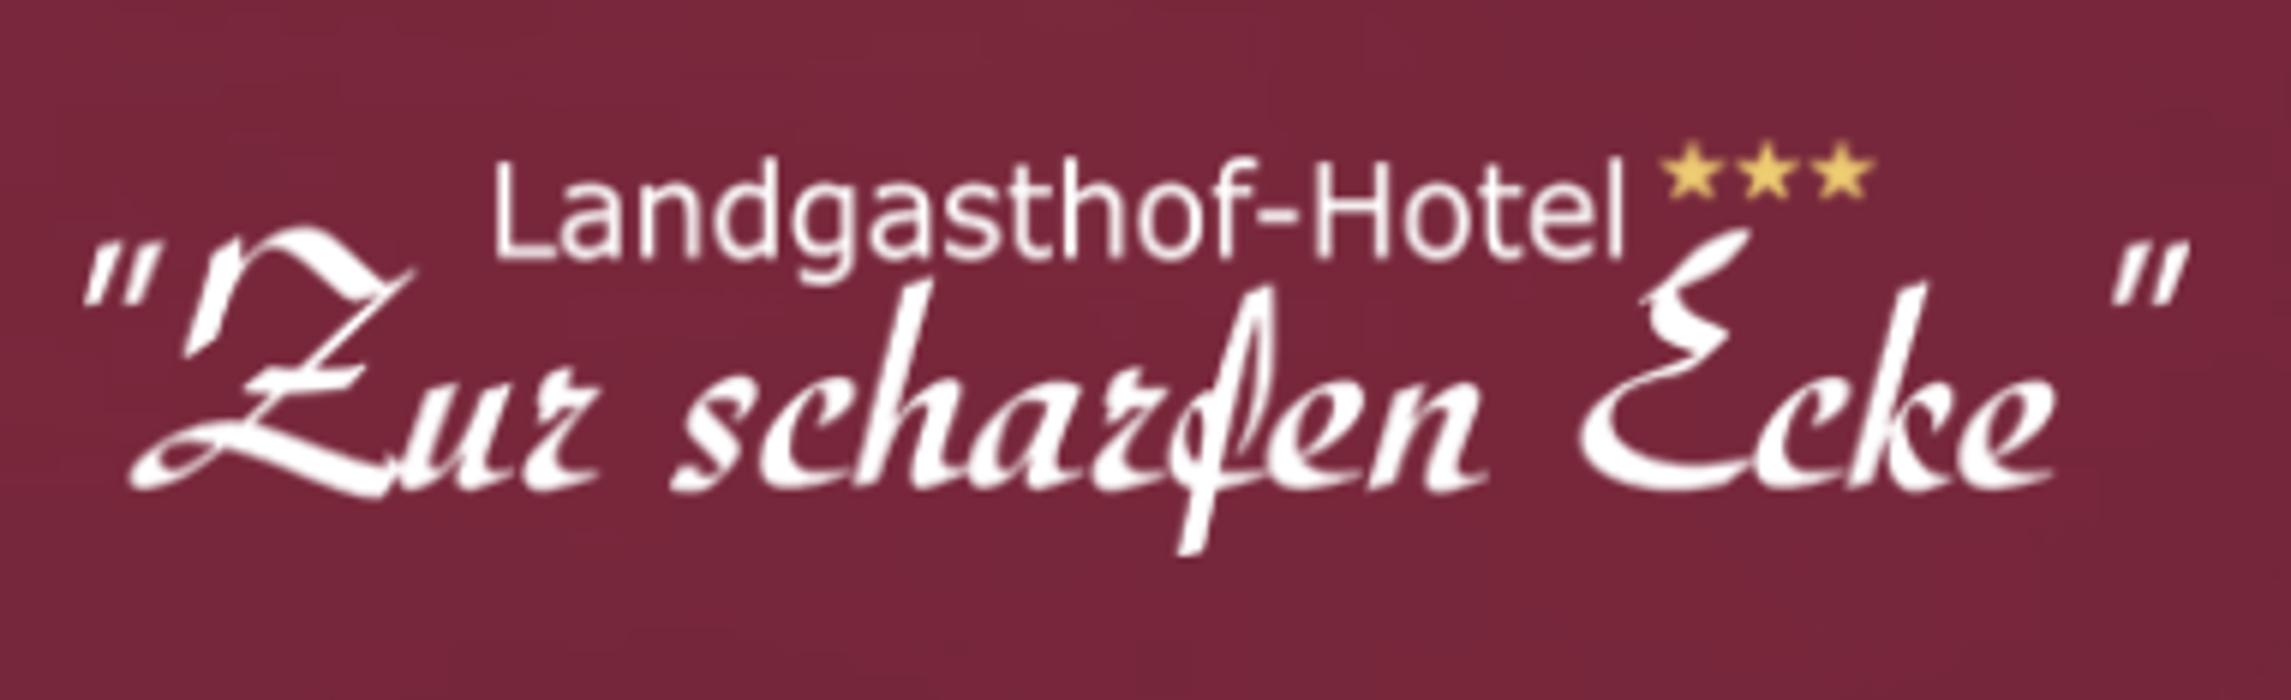 """Bild zu Landgasthof-Hotel """"Zur scharfen Ecke"""" in Hildesheim"""